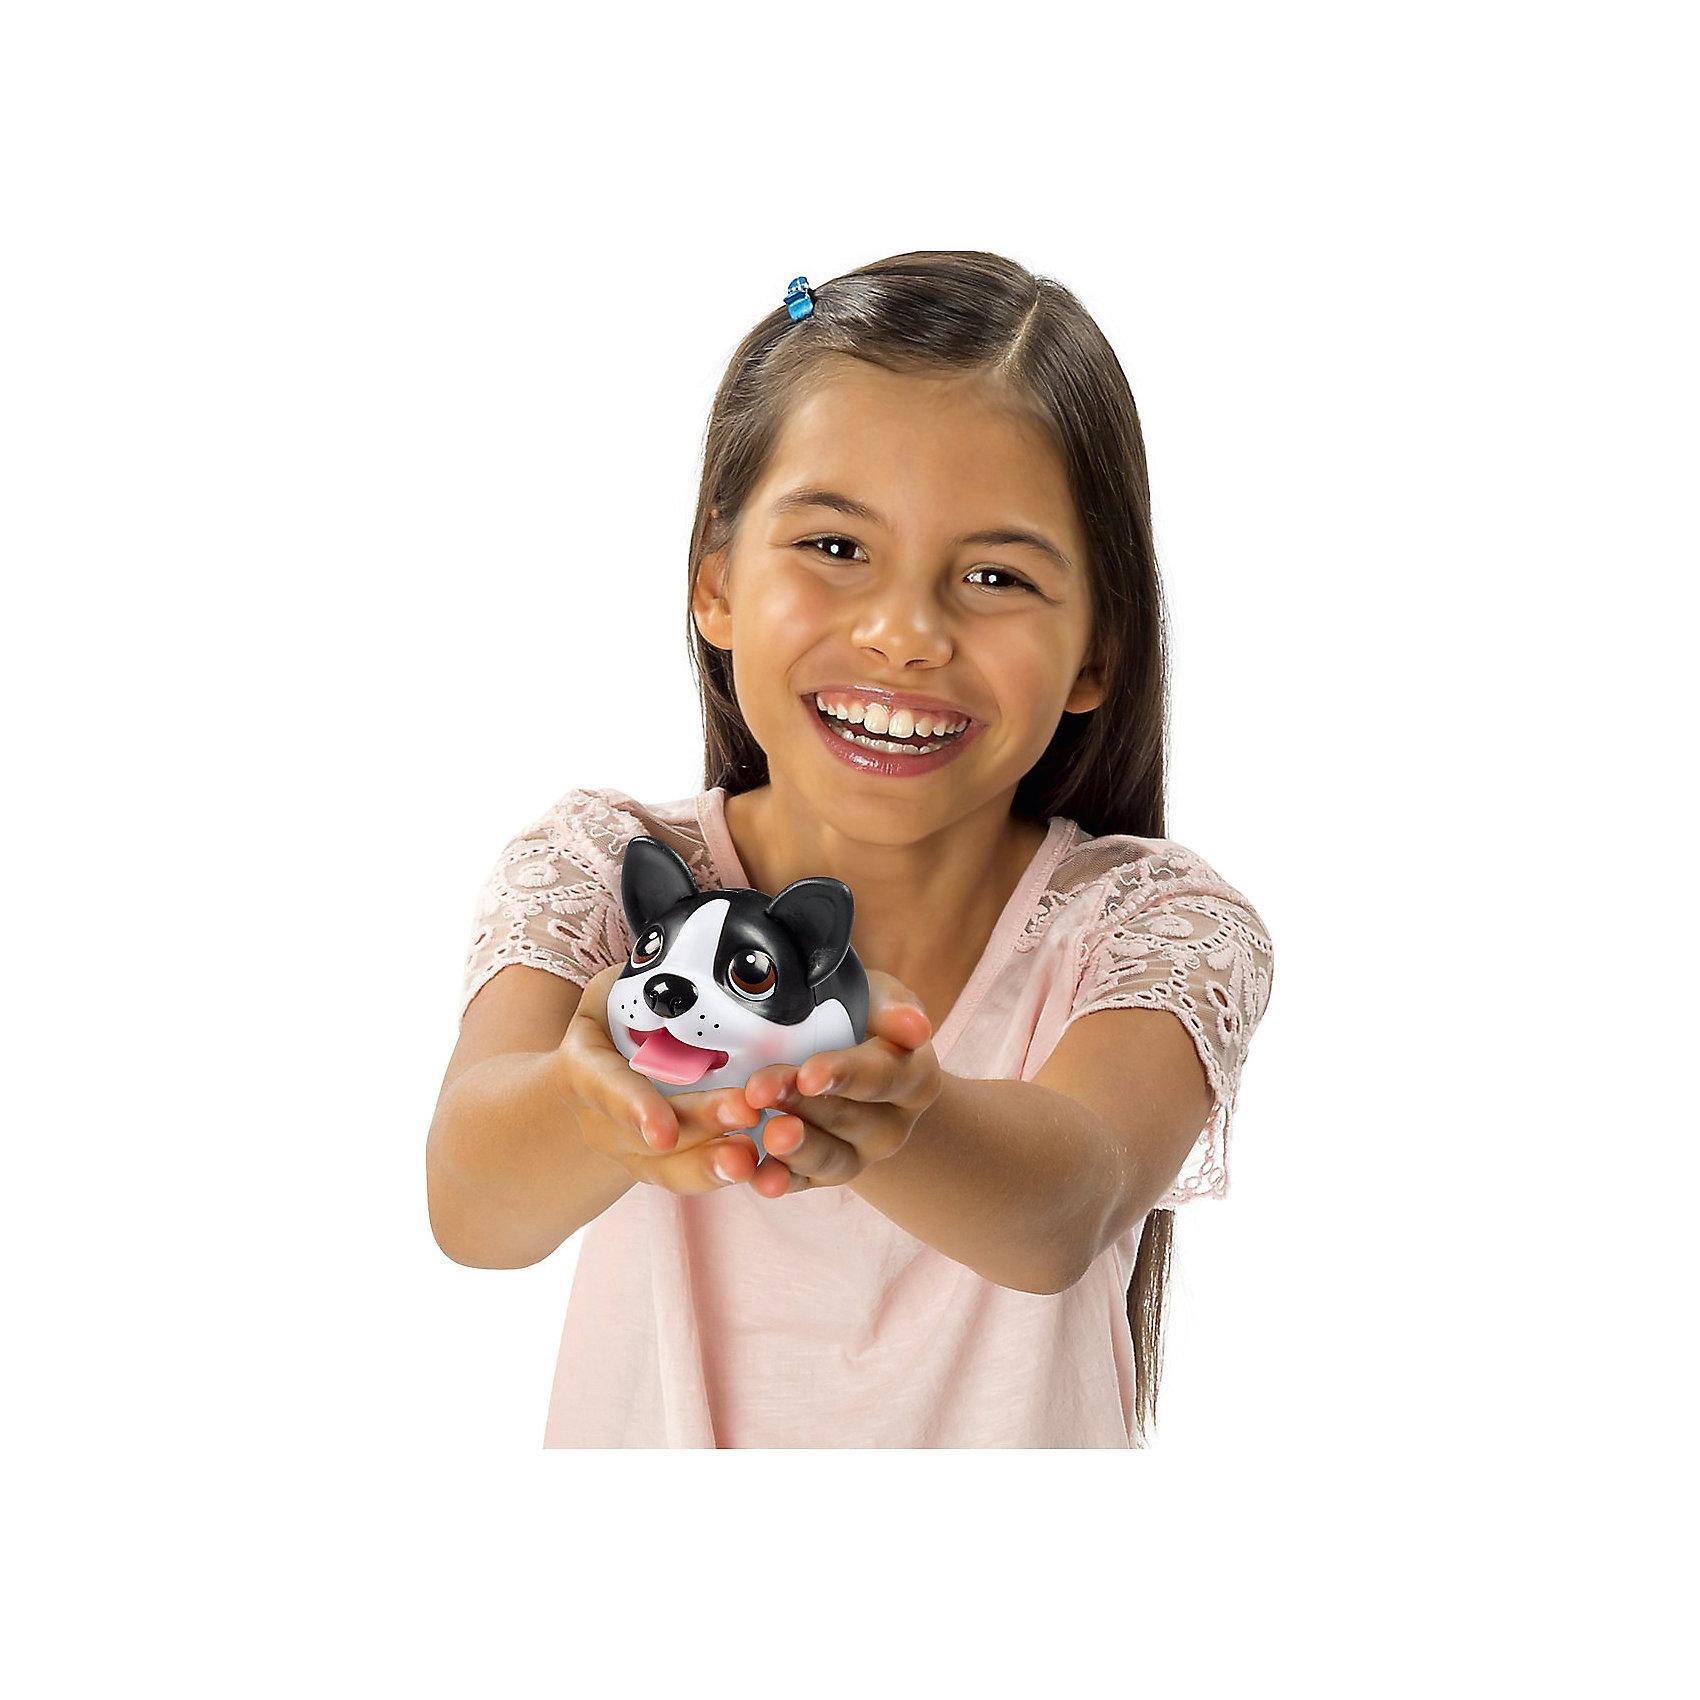 Коллекционная фигурка Спаниель, Chubby PuppiesМир животных<br>Характеристики товара:<br><br>- цвет: разноцветный;<br>- материал: пластик;<br>- размер упаковки: 15х8х11 см;<br>- вес: 200 г;<br>- комплектация: большая и маленькая фигурки. <br><br>Игрушки от бренда Chubby Puppies - это симпатичные собачки, которые умеют забавно двигаться. Эта игрушка очень качественно выполнена, поэтому она станет отличным подарком ребенку. Такое изделие отлично тренирует у ребенка разные навыки: играя с ней, малыш развивает мелкую моторику, цветовосприятие, внимание, воображение и творческое мышление.<br>Данная модель дополнена маленькой копией животного! Из этих фигурок можно собрать целую коллекцию! Изделие произведено из высококачественного материала, безопасного для детей.<br><br>Коллекционную фигурку Спаниель от бренда Chubby Puppies можно купить в нашем интернет-магазине.<br><br>Ширина мм: 80<br>Глубина мм: 110<br>Высота мм: 150<br>Вес г: 195<br>Возраст от месяцев: 36<br>Возраст до месяцев: 2147483647<br>Пол: Унисекс<br>Возраст: Детский<br>SKU: 5097948